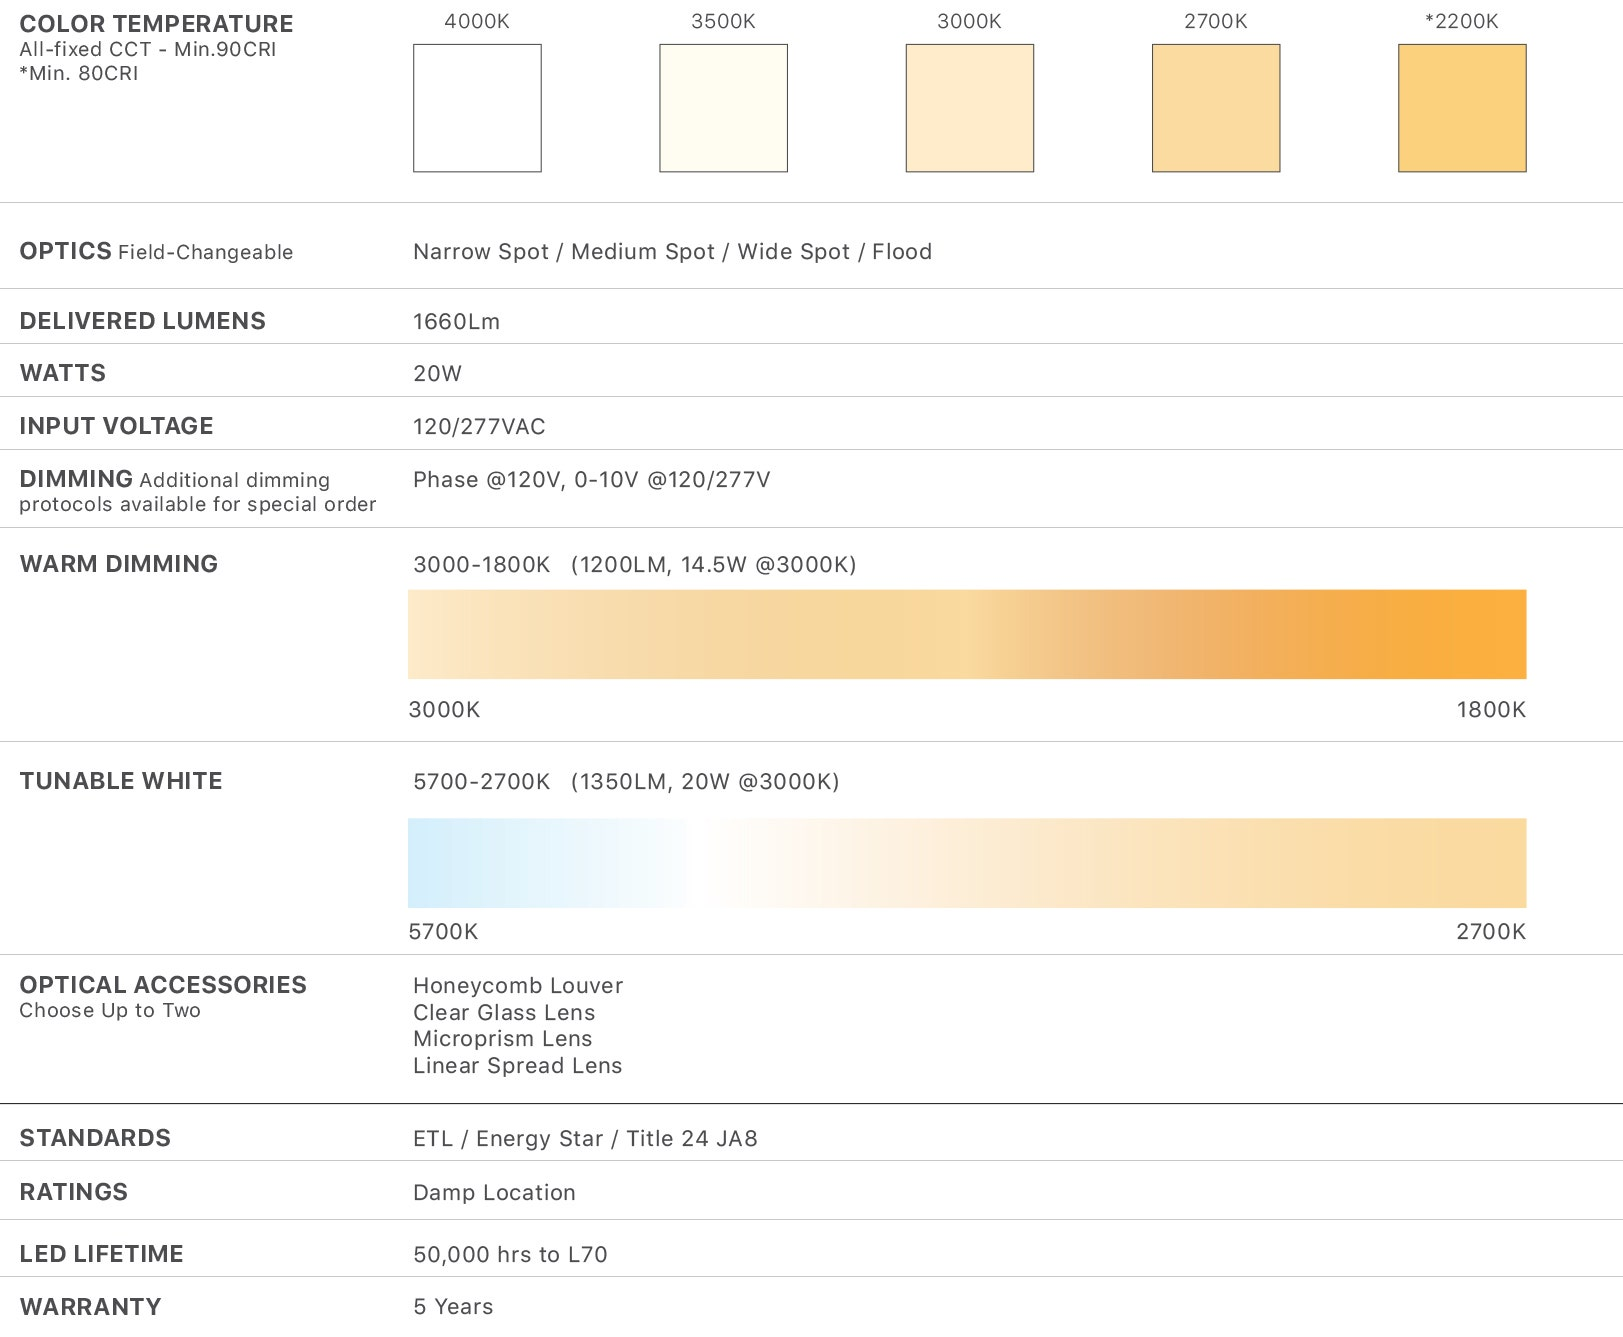 Sonneman Intervals 3 inch Adjustable Round product details